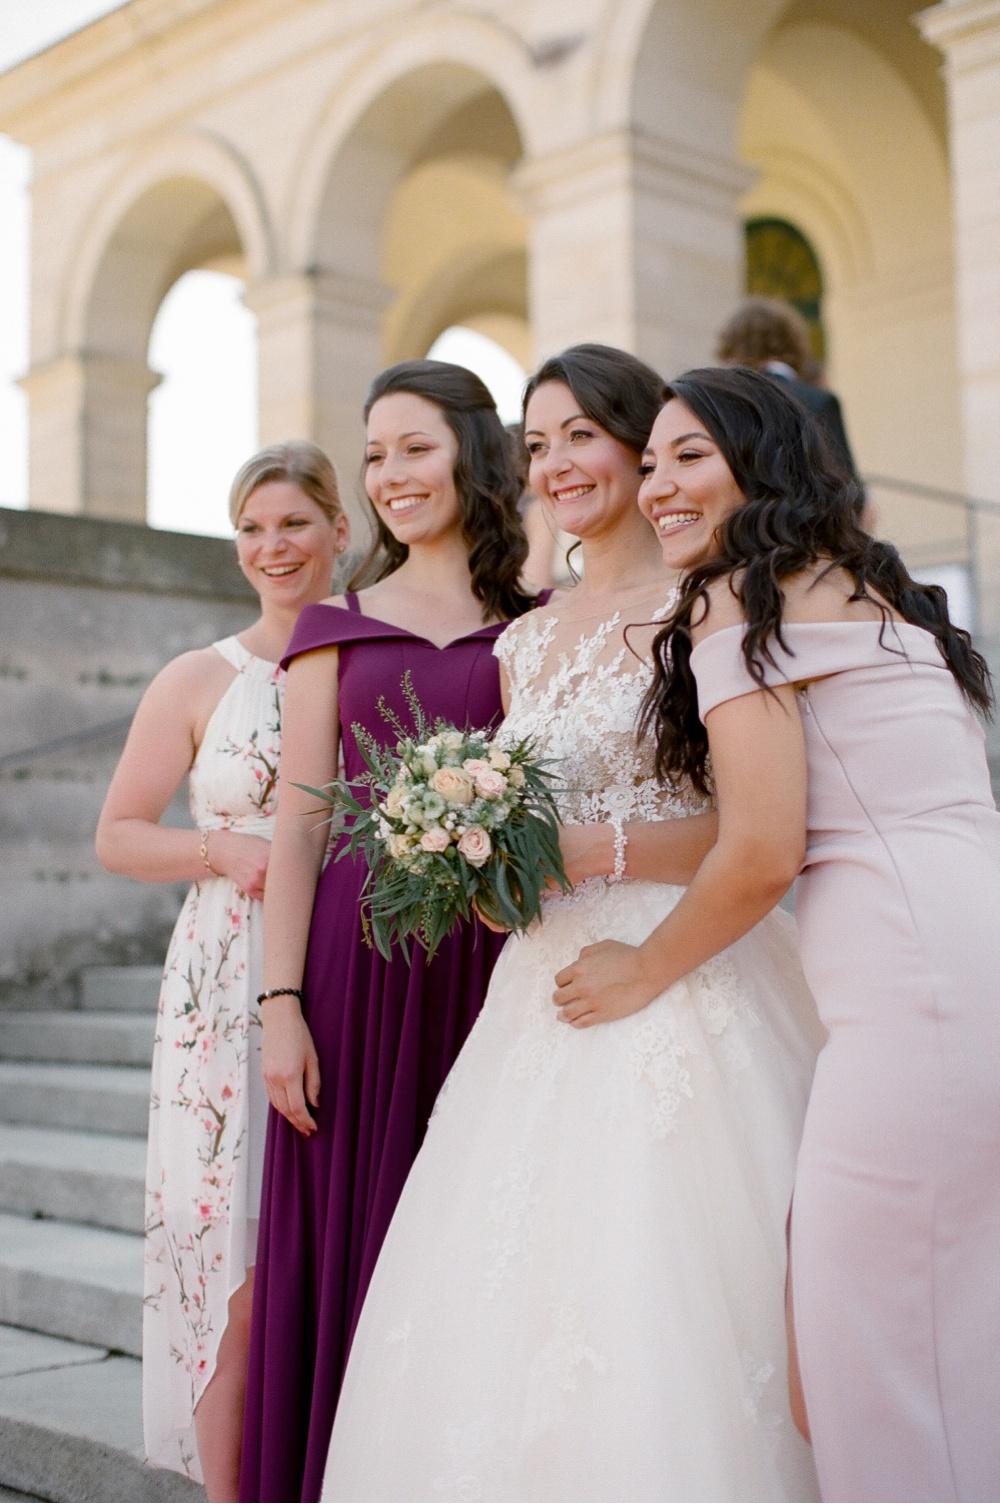 Wedding_Photographer_Tuscany©MadalinaSheldon_0030.jpg